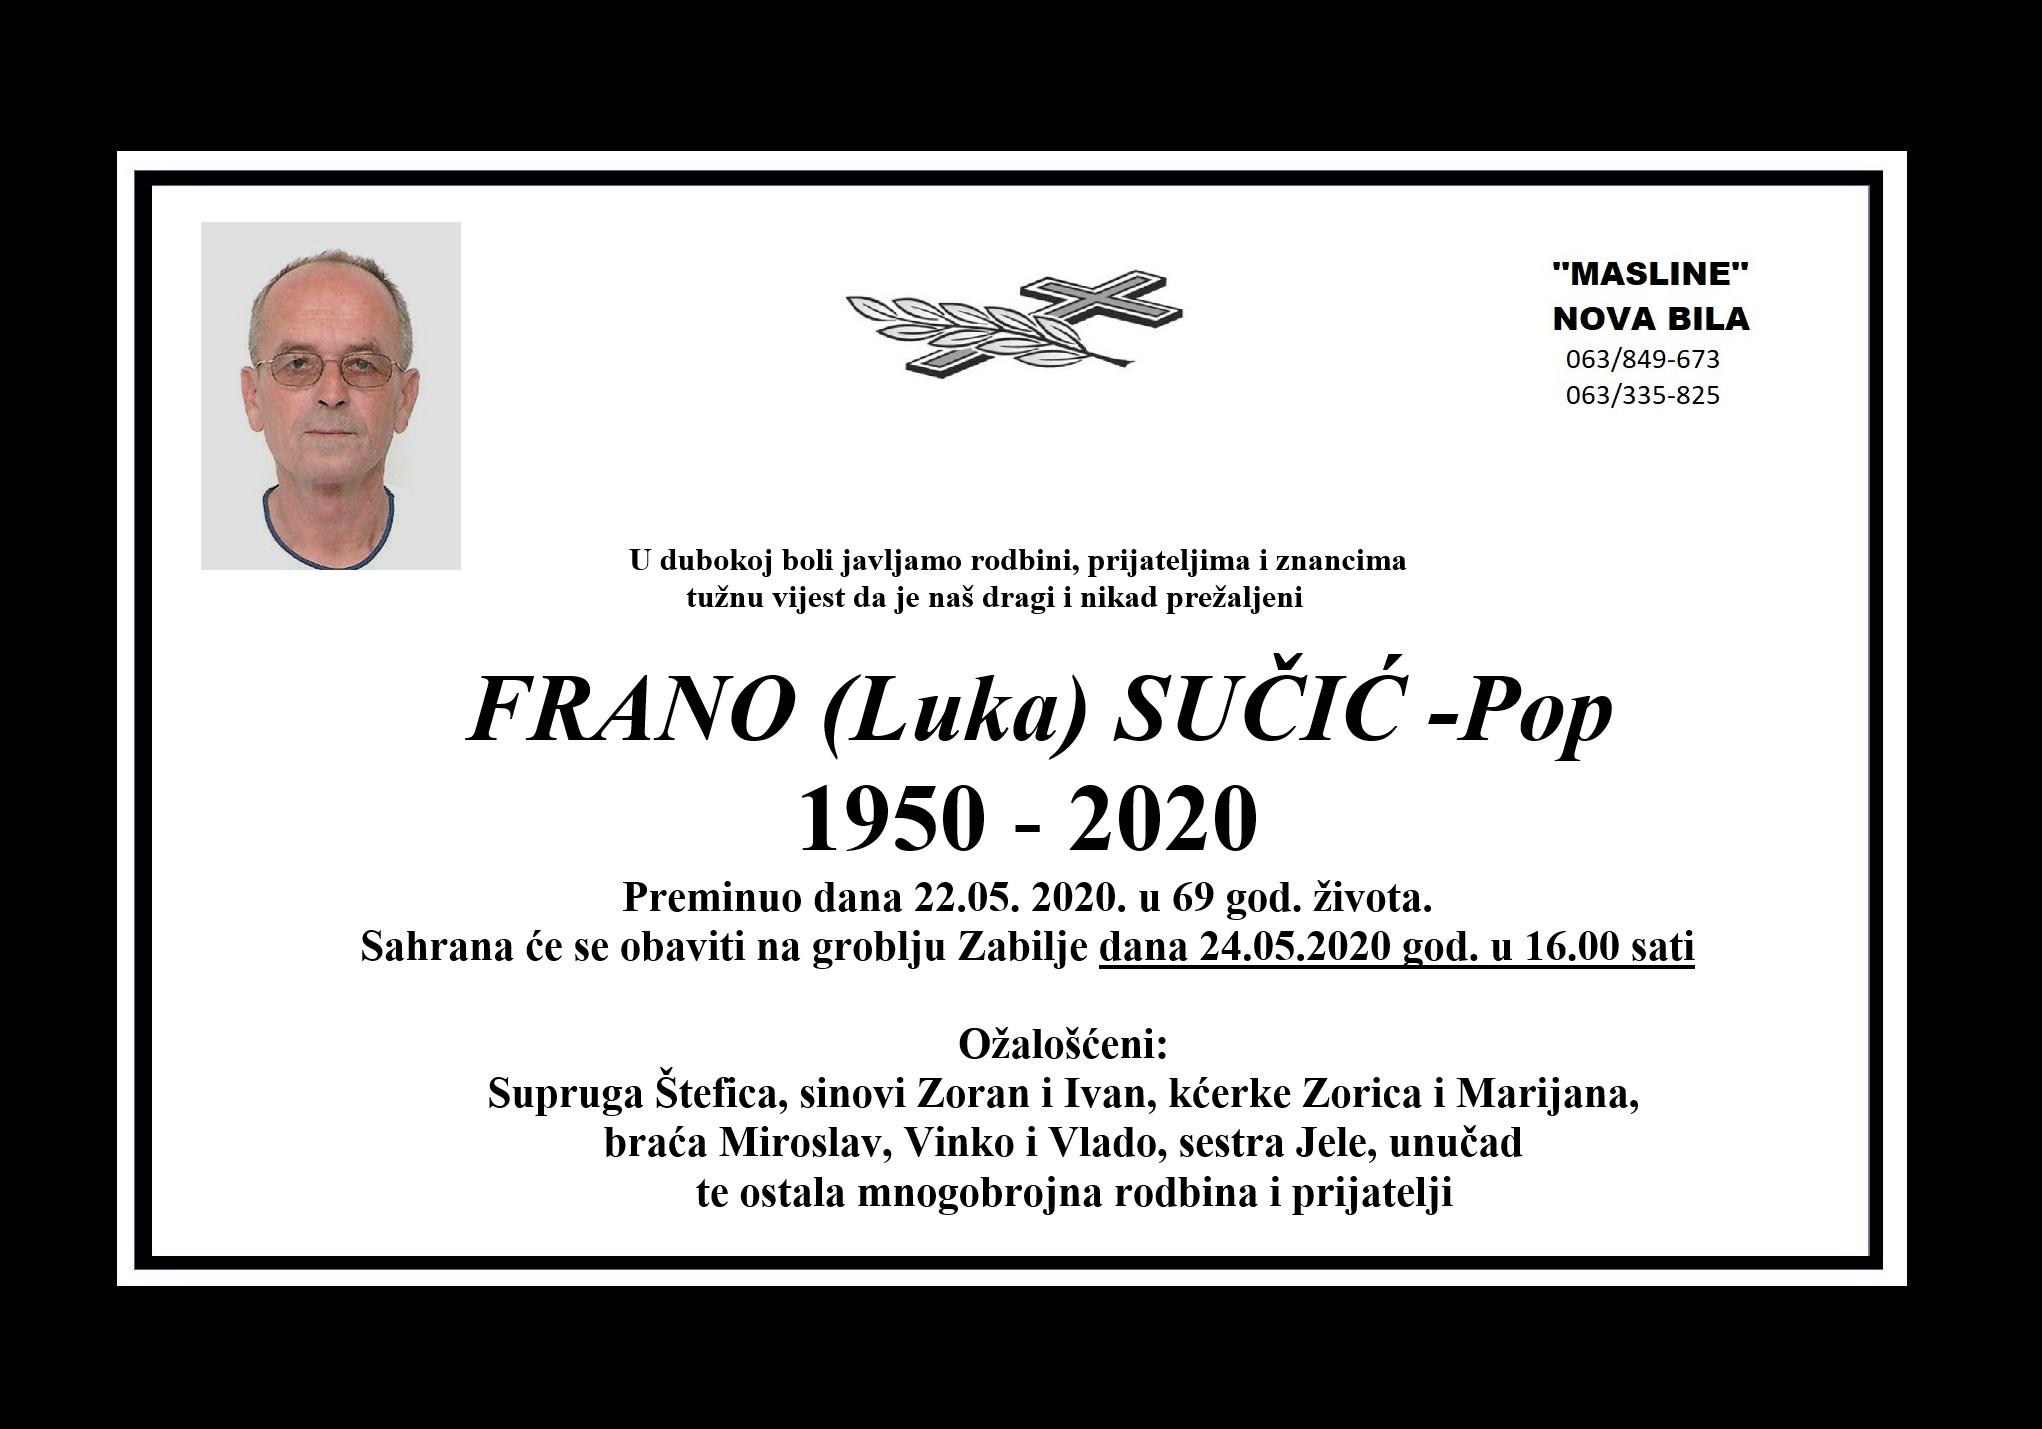 Frano (Luka) Sučić – Pop